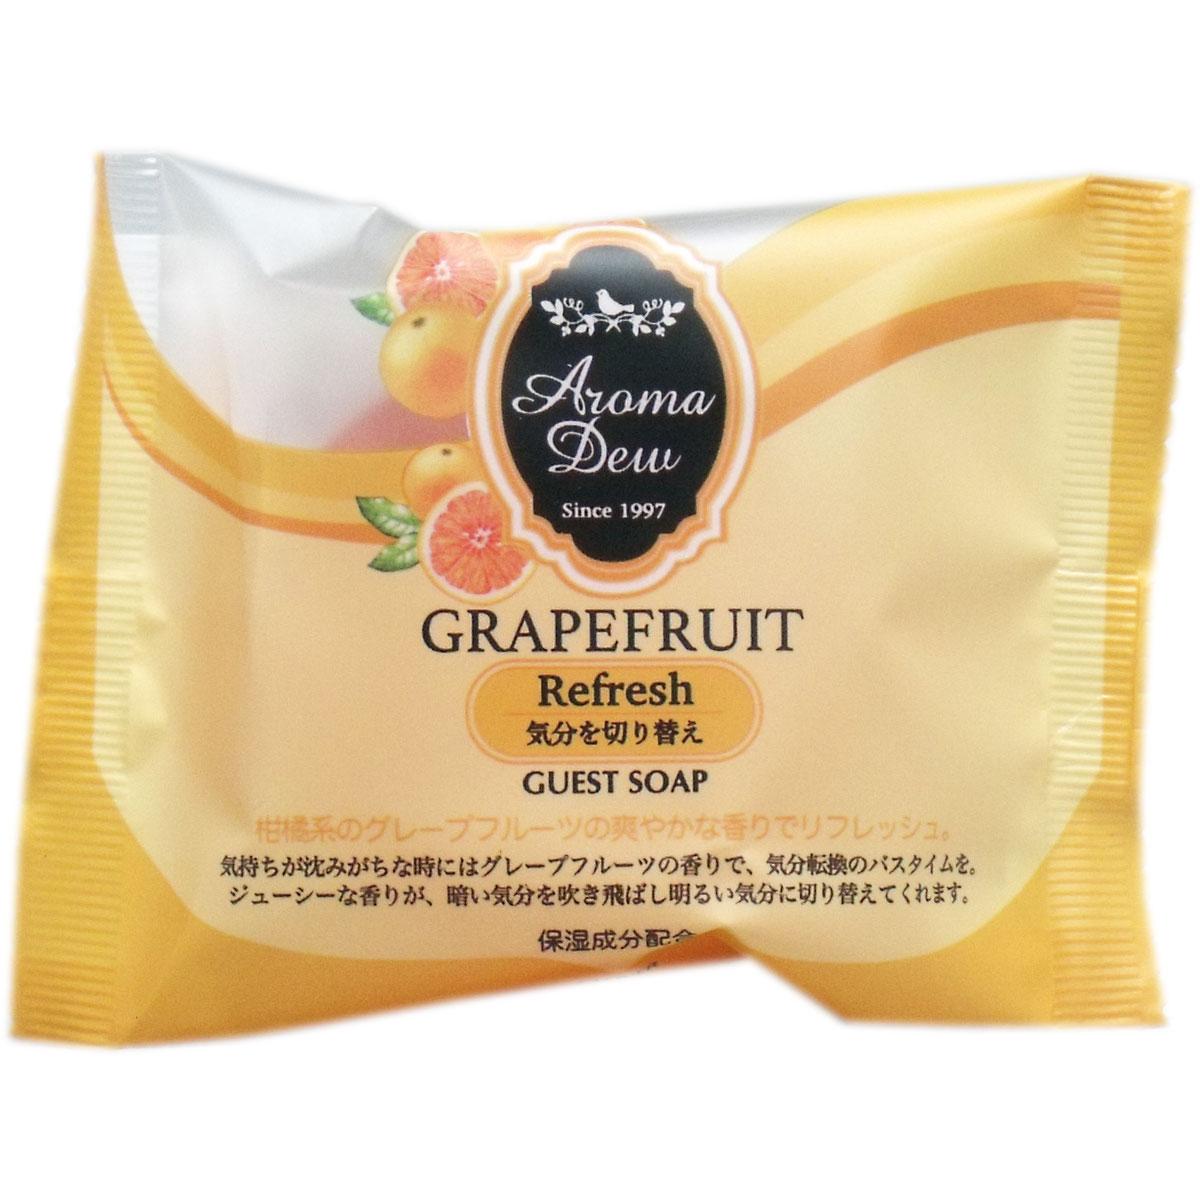 アロマデュウ ゲストソープ グレープフルーツの香り 35g